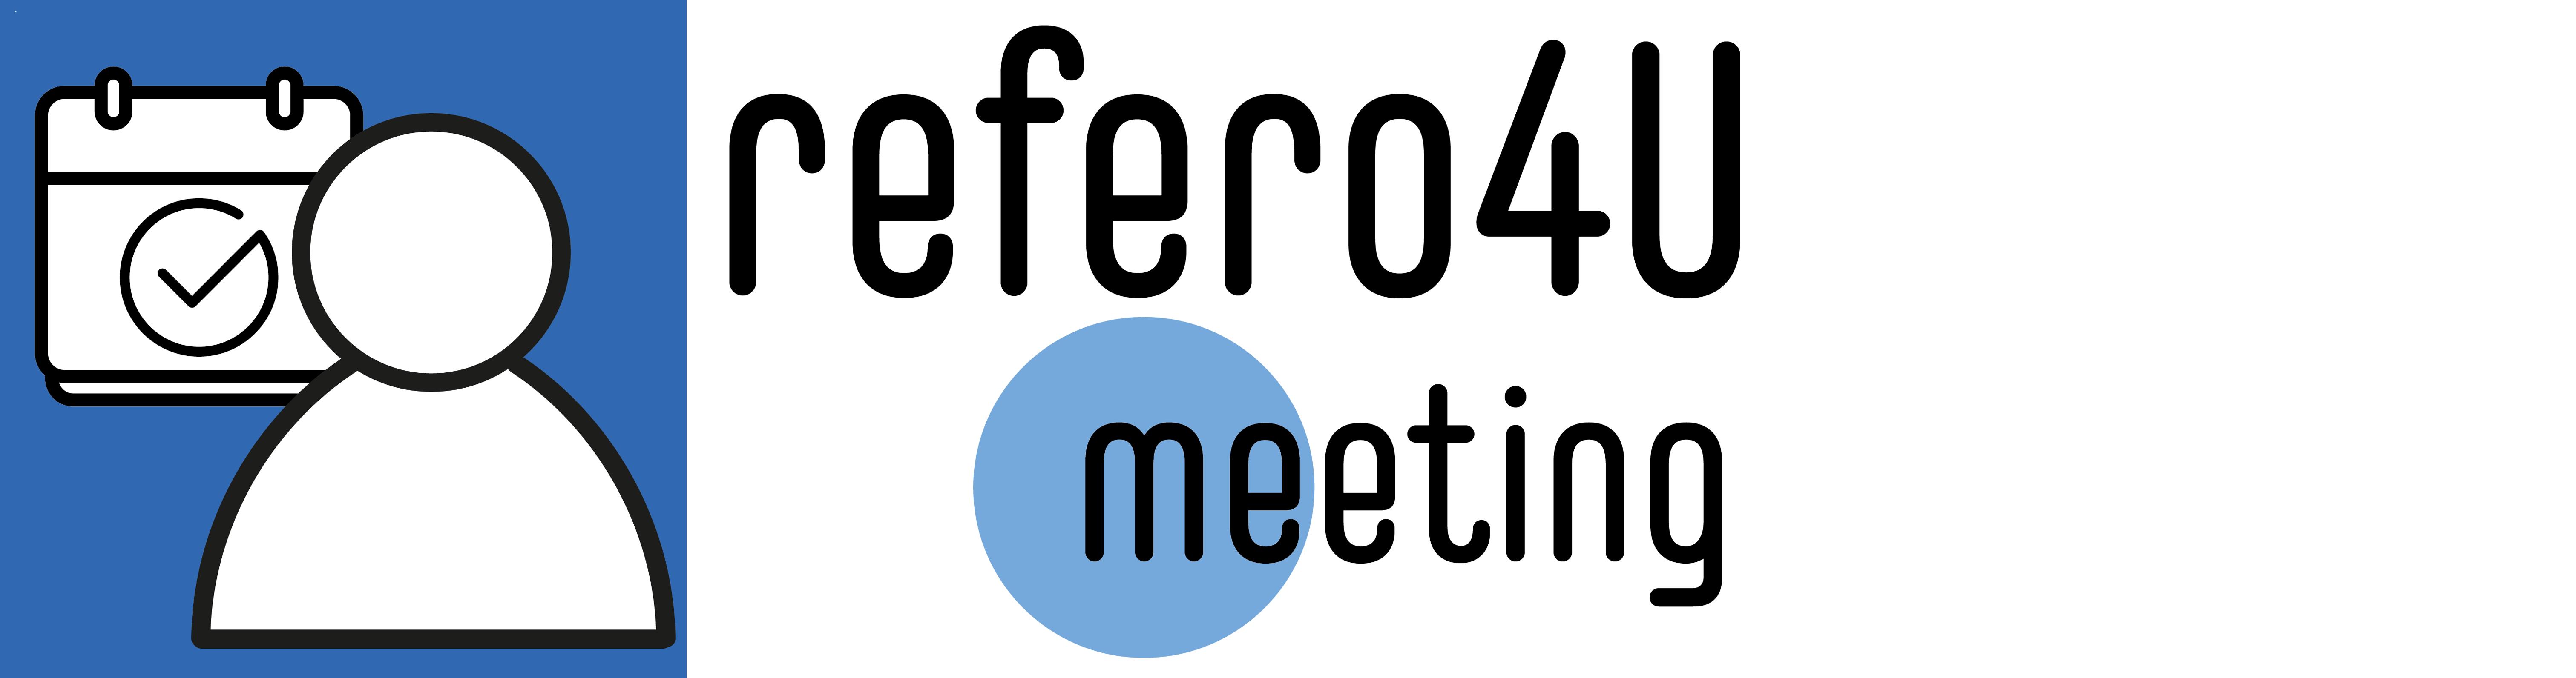 logo-meeting_refero4u_2021